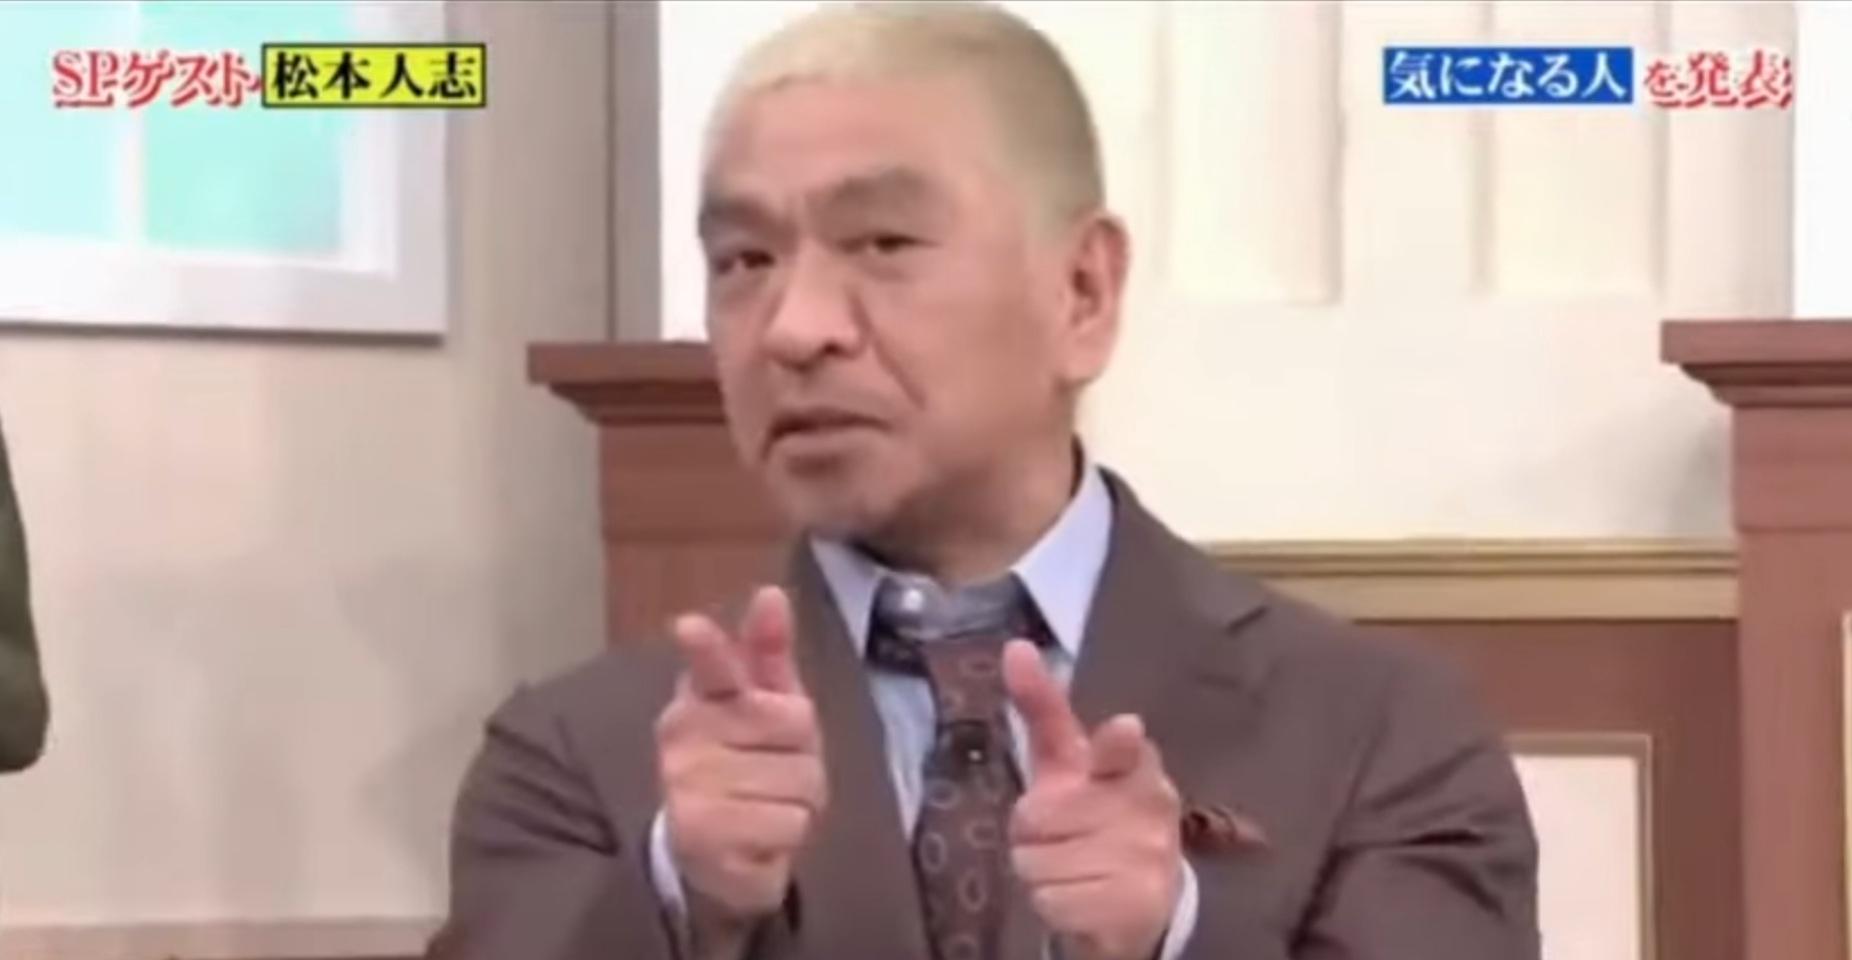 【画像】松本人志(58)、宮迫さんへのお気持ち表明